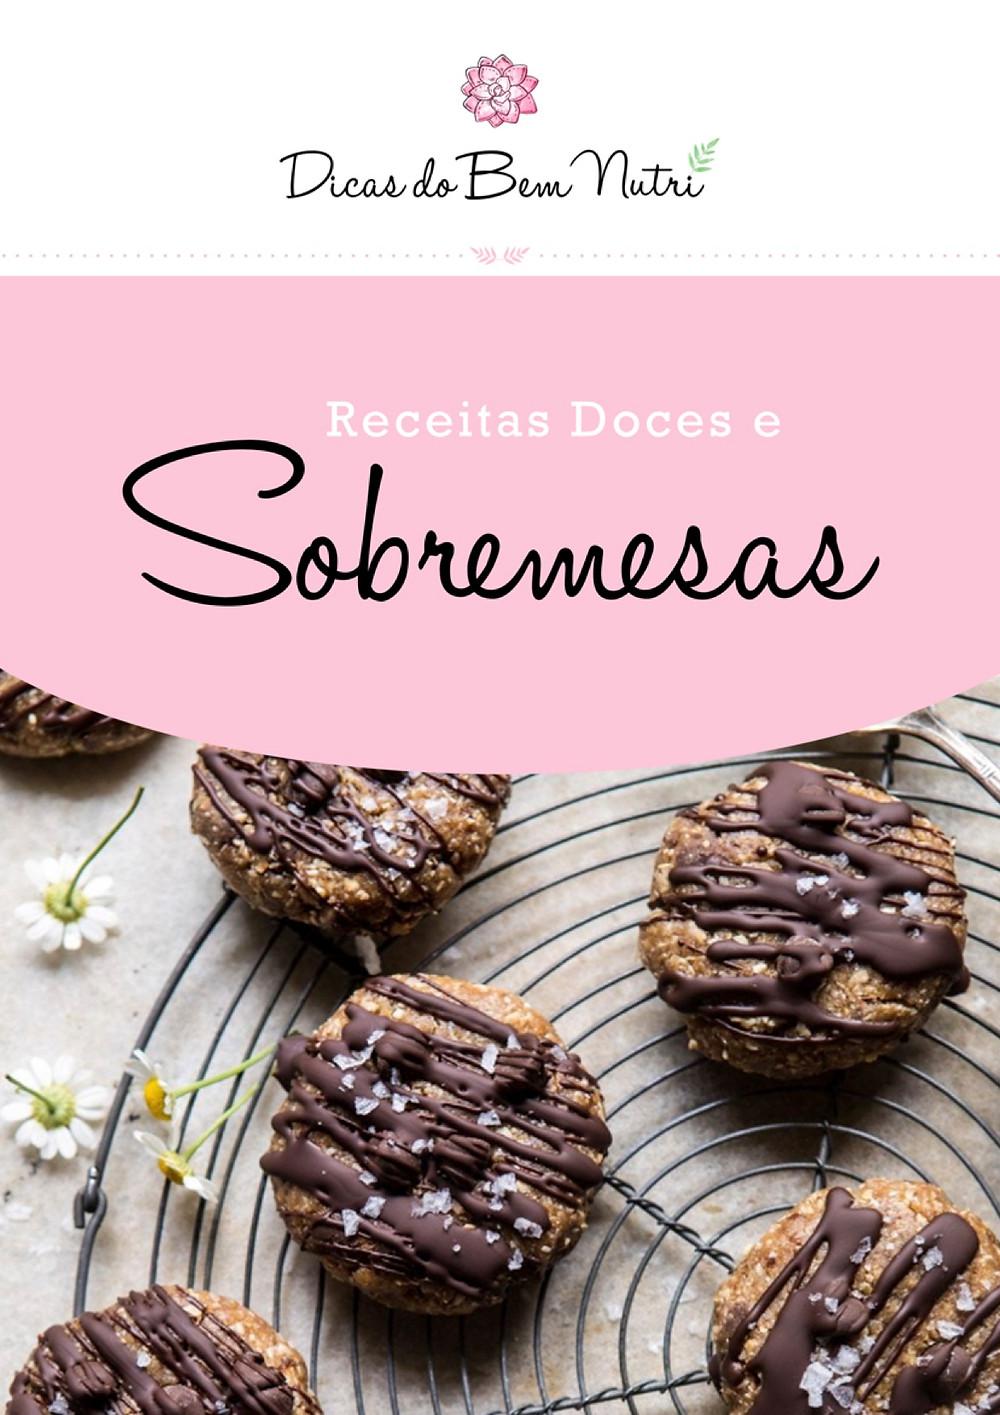 Capa E-Book Receitas Doces e Sobremesas